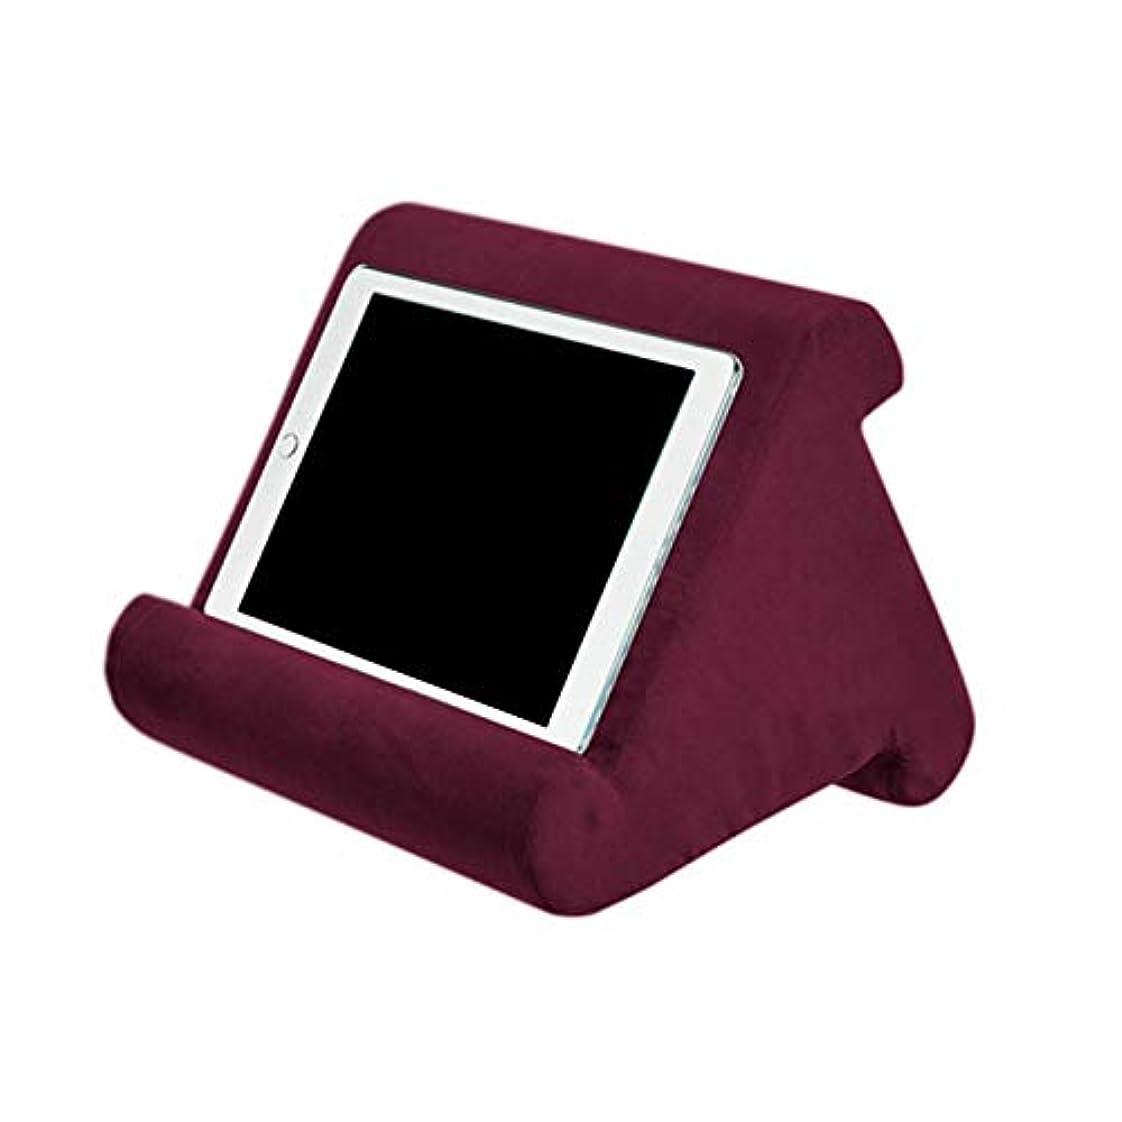 すみません野心的レジLIFE家庭用タブレット枕ホルダースタンドブック残り読書サポートクッションベッドソファマルチアングルソフト枕ラップスタンドクッションクッション 椅子